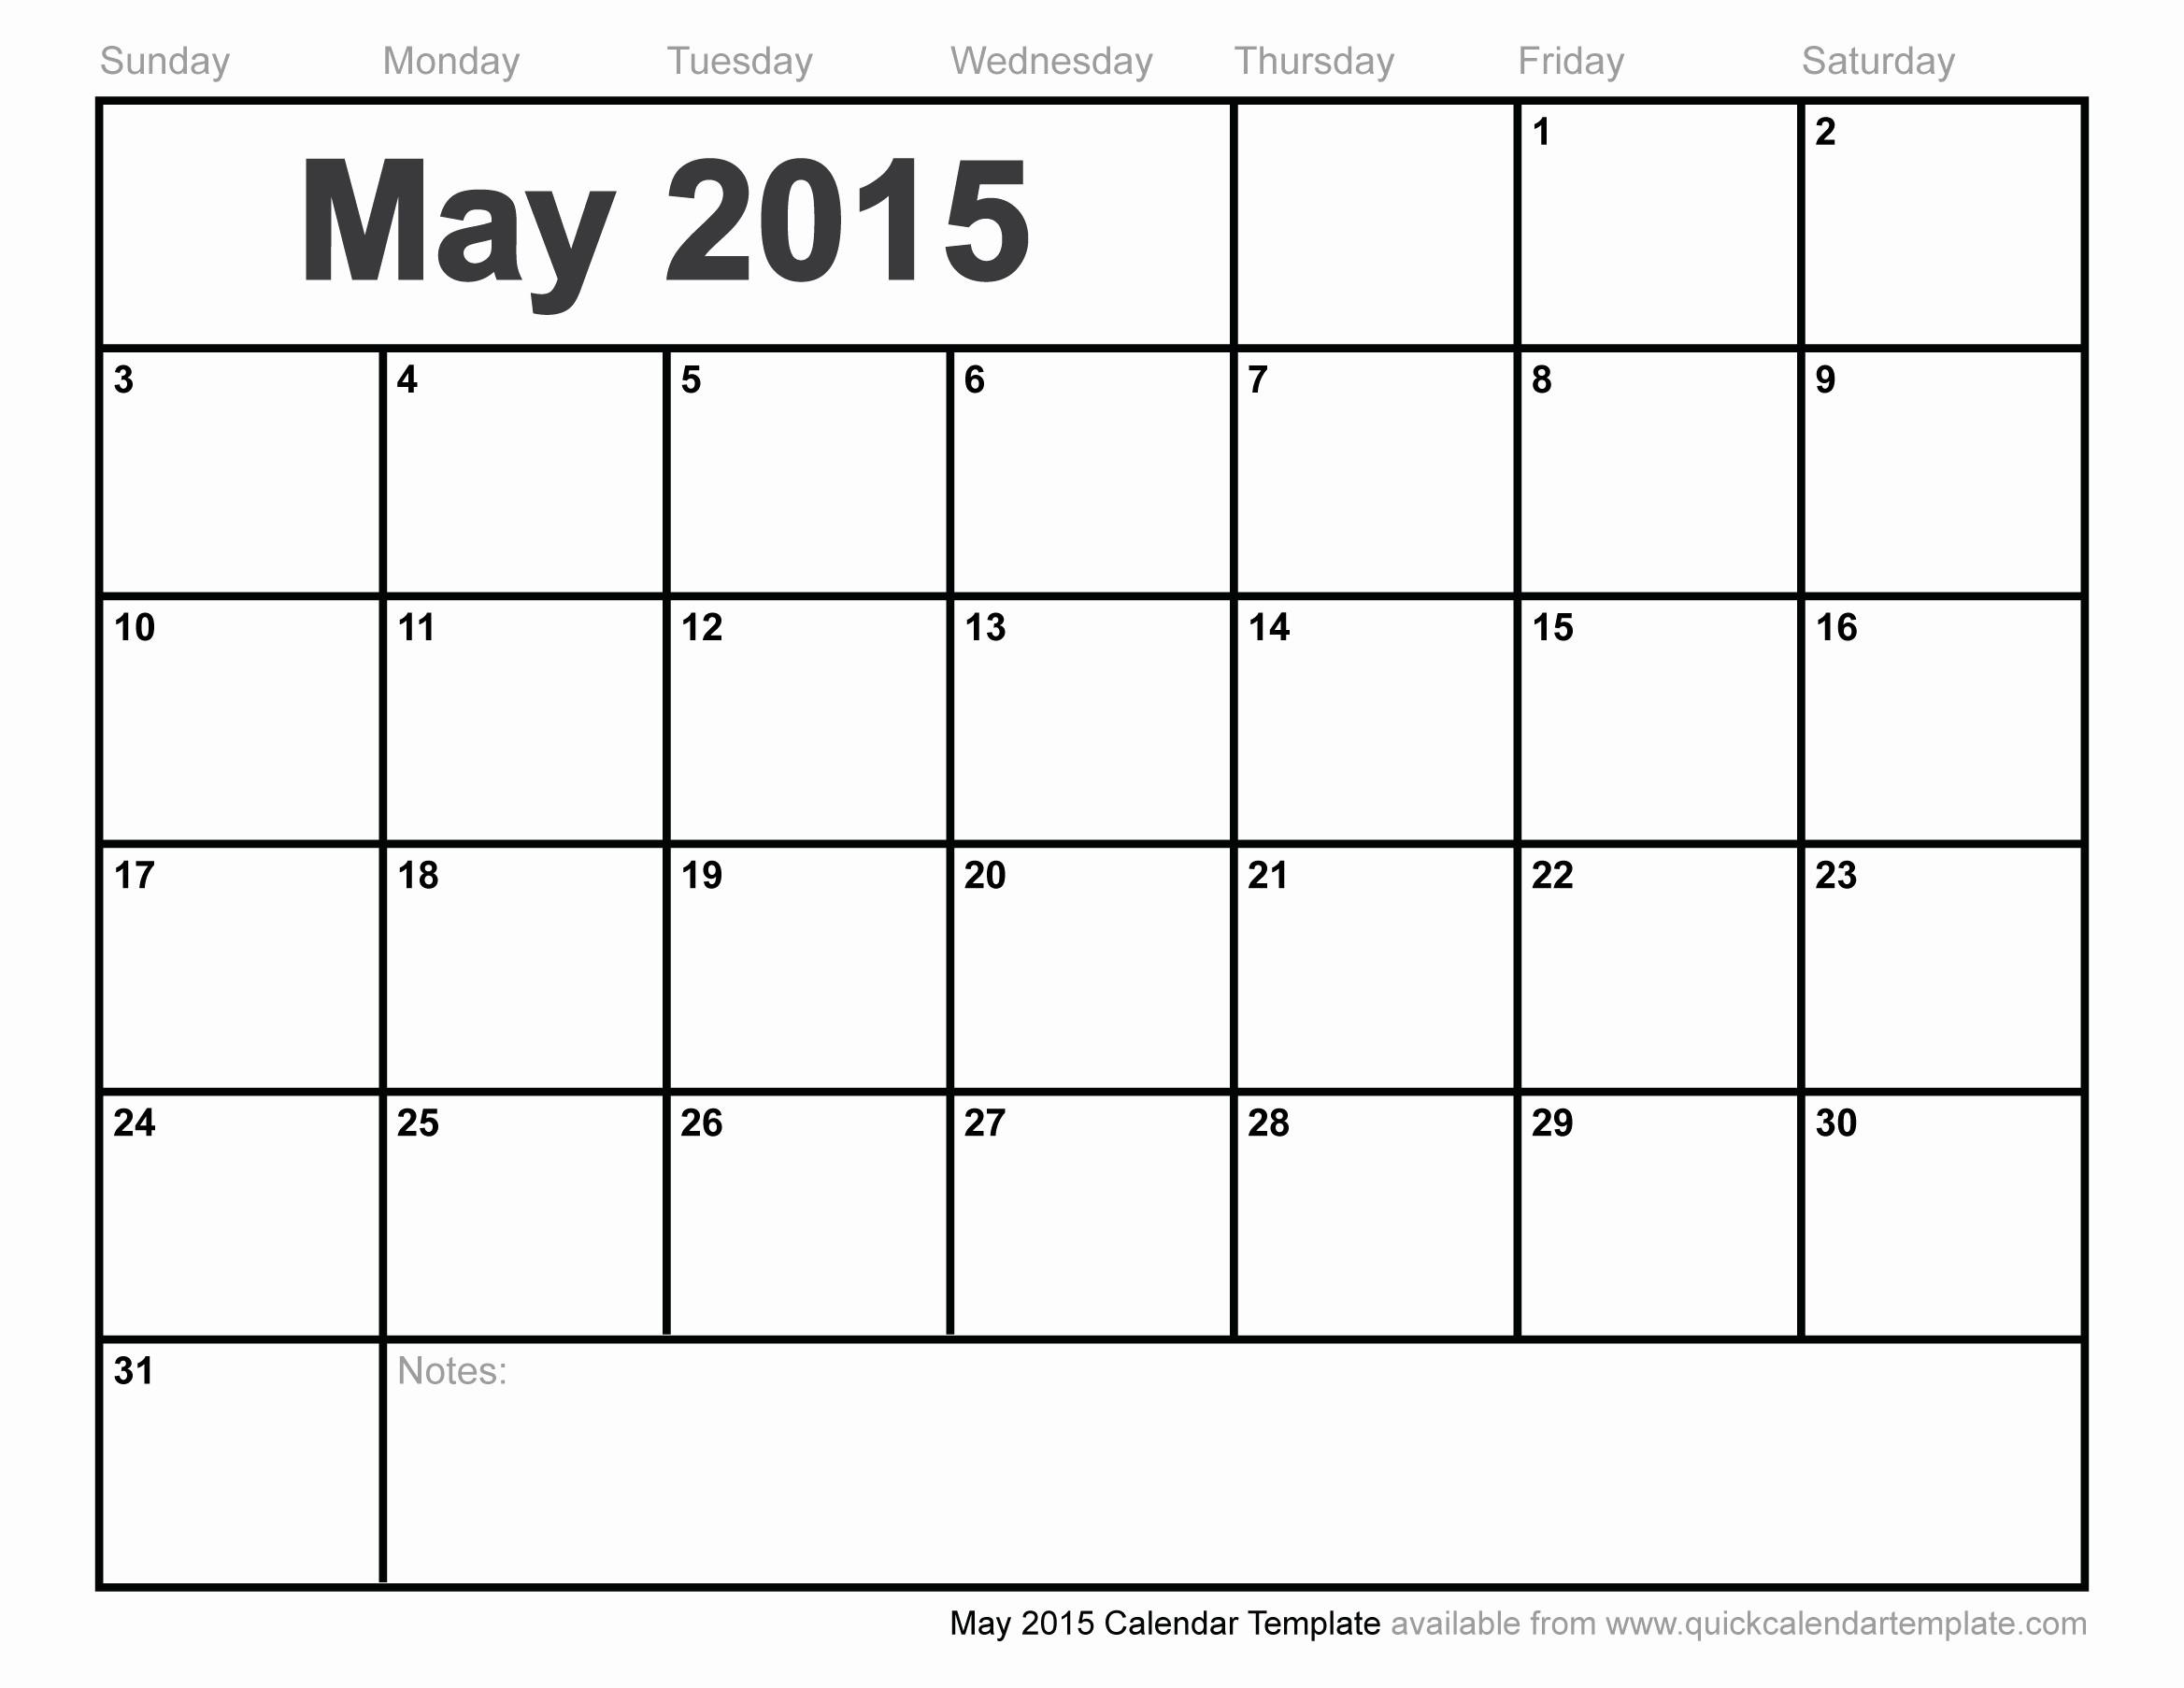 Free Editable Calendar for Teachers Elegant May 2015 Calendar Template Free Editable Calendars for